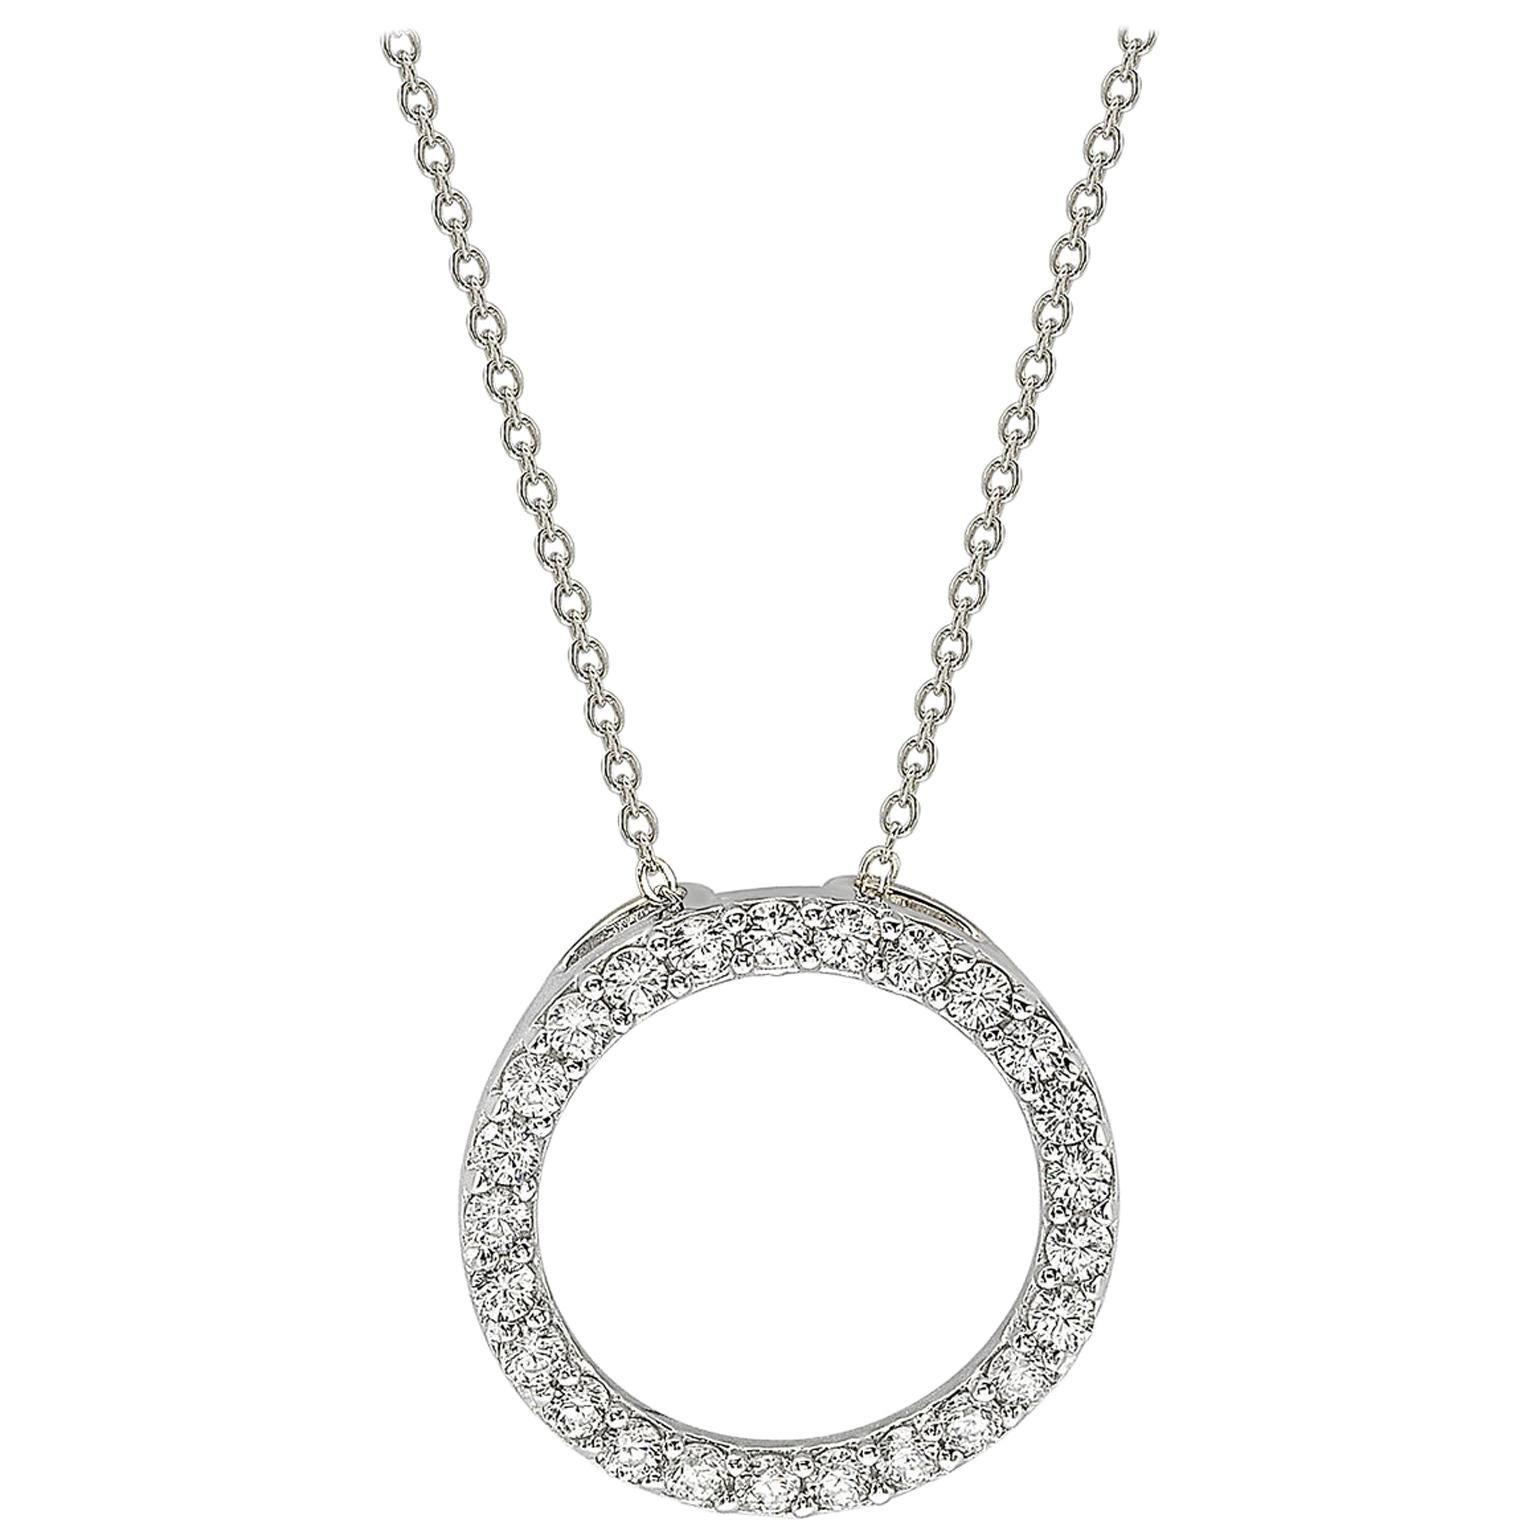 Suzy Levian 14K White Gold White Diamond Circle Pendant